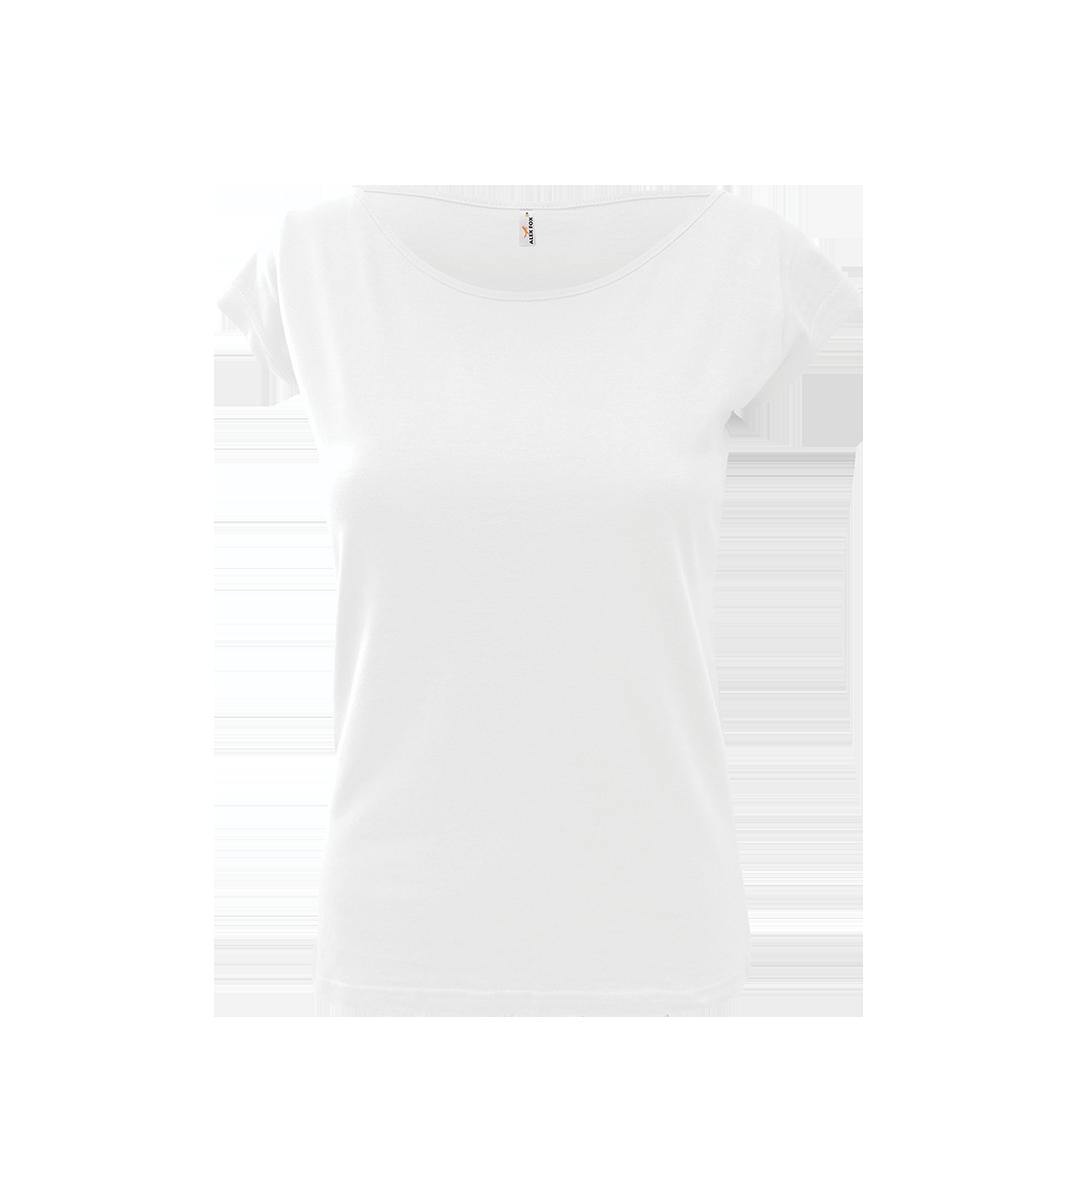 5cb2f8074ac2 ALEX FOX farebné dámske bavlnené tričko ELEGANCE s krátkym rukávom - 1